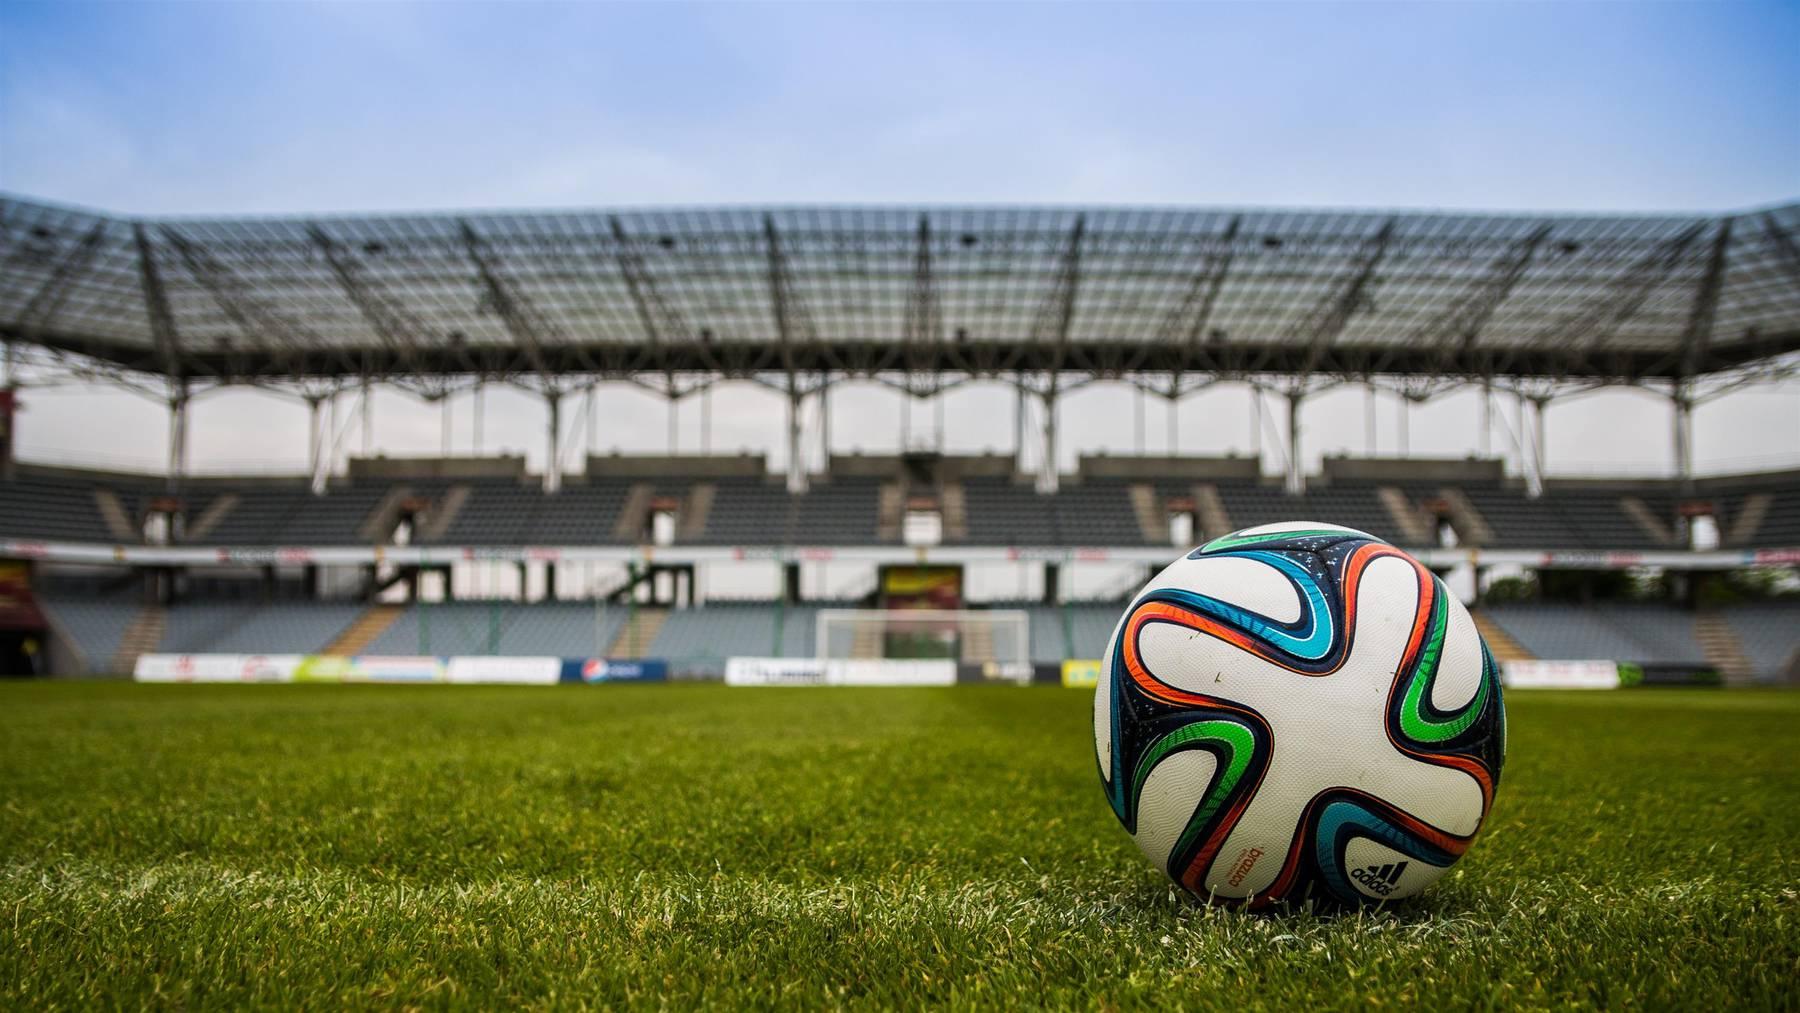 Fussball_Stadion_Ball_pexels